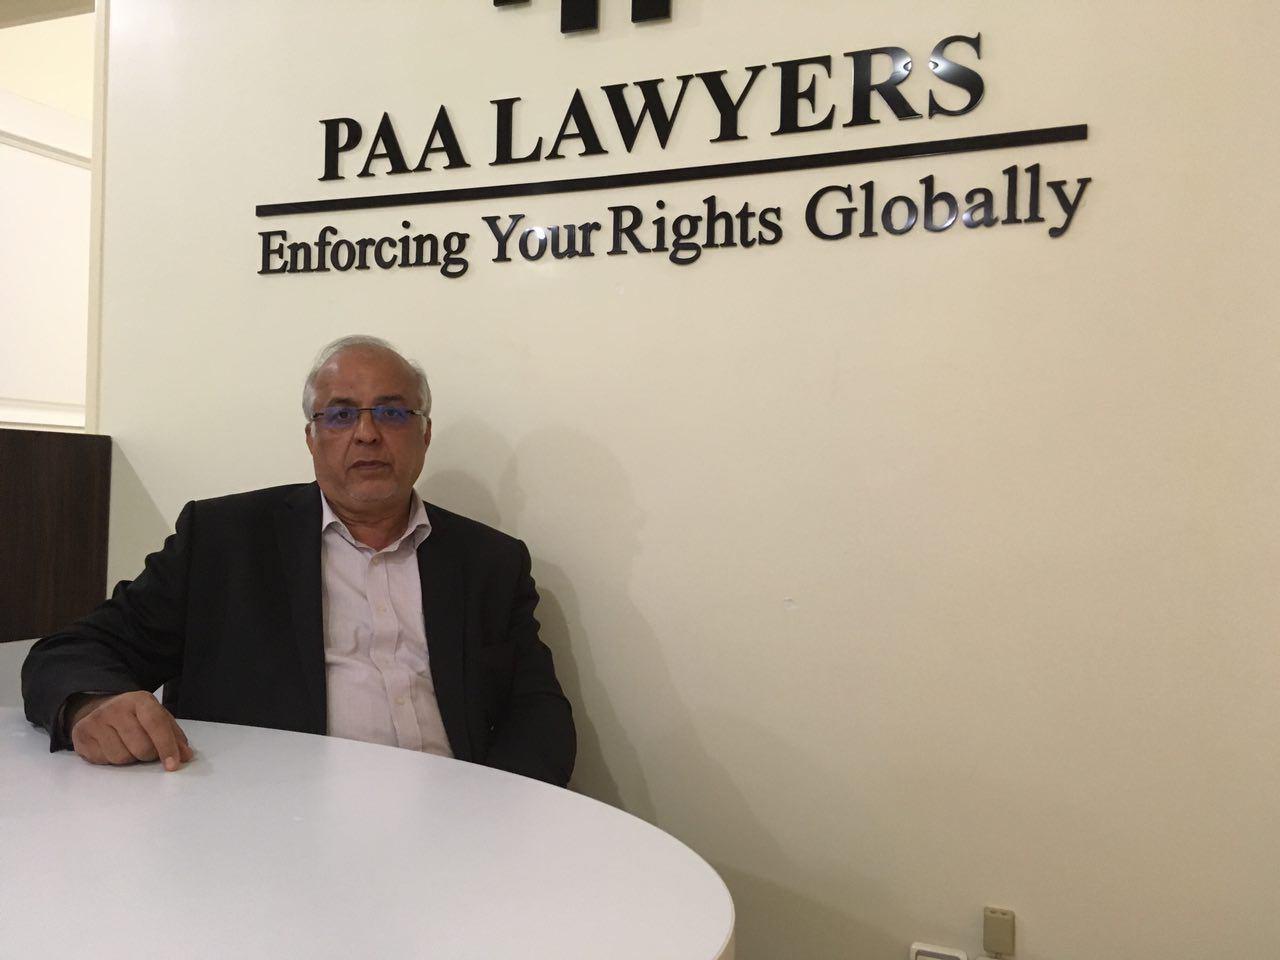 رد شکایت کمیته المپیک و بهداد سلیمی در دادگاه حکمیت ورزش به روایت یک وکیل دادگستری